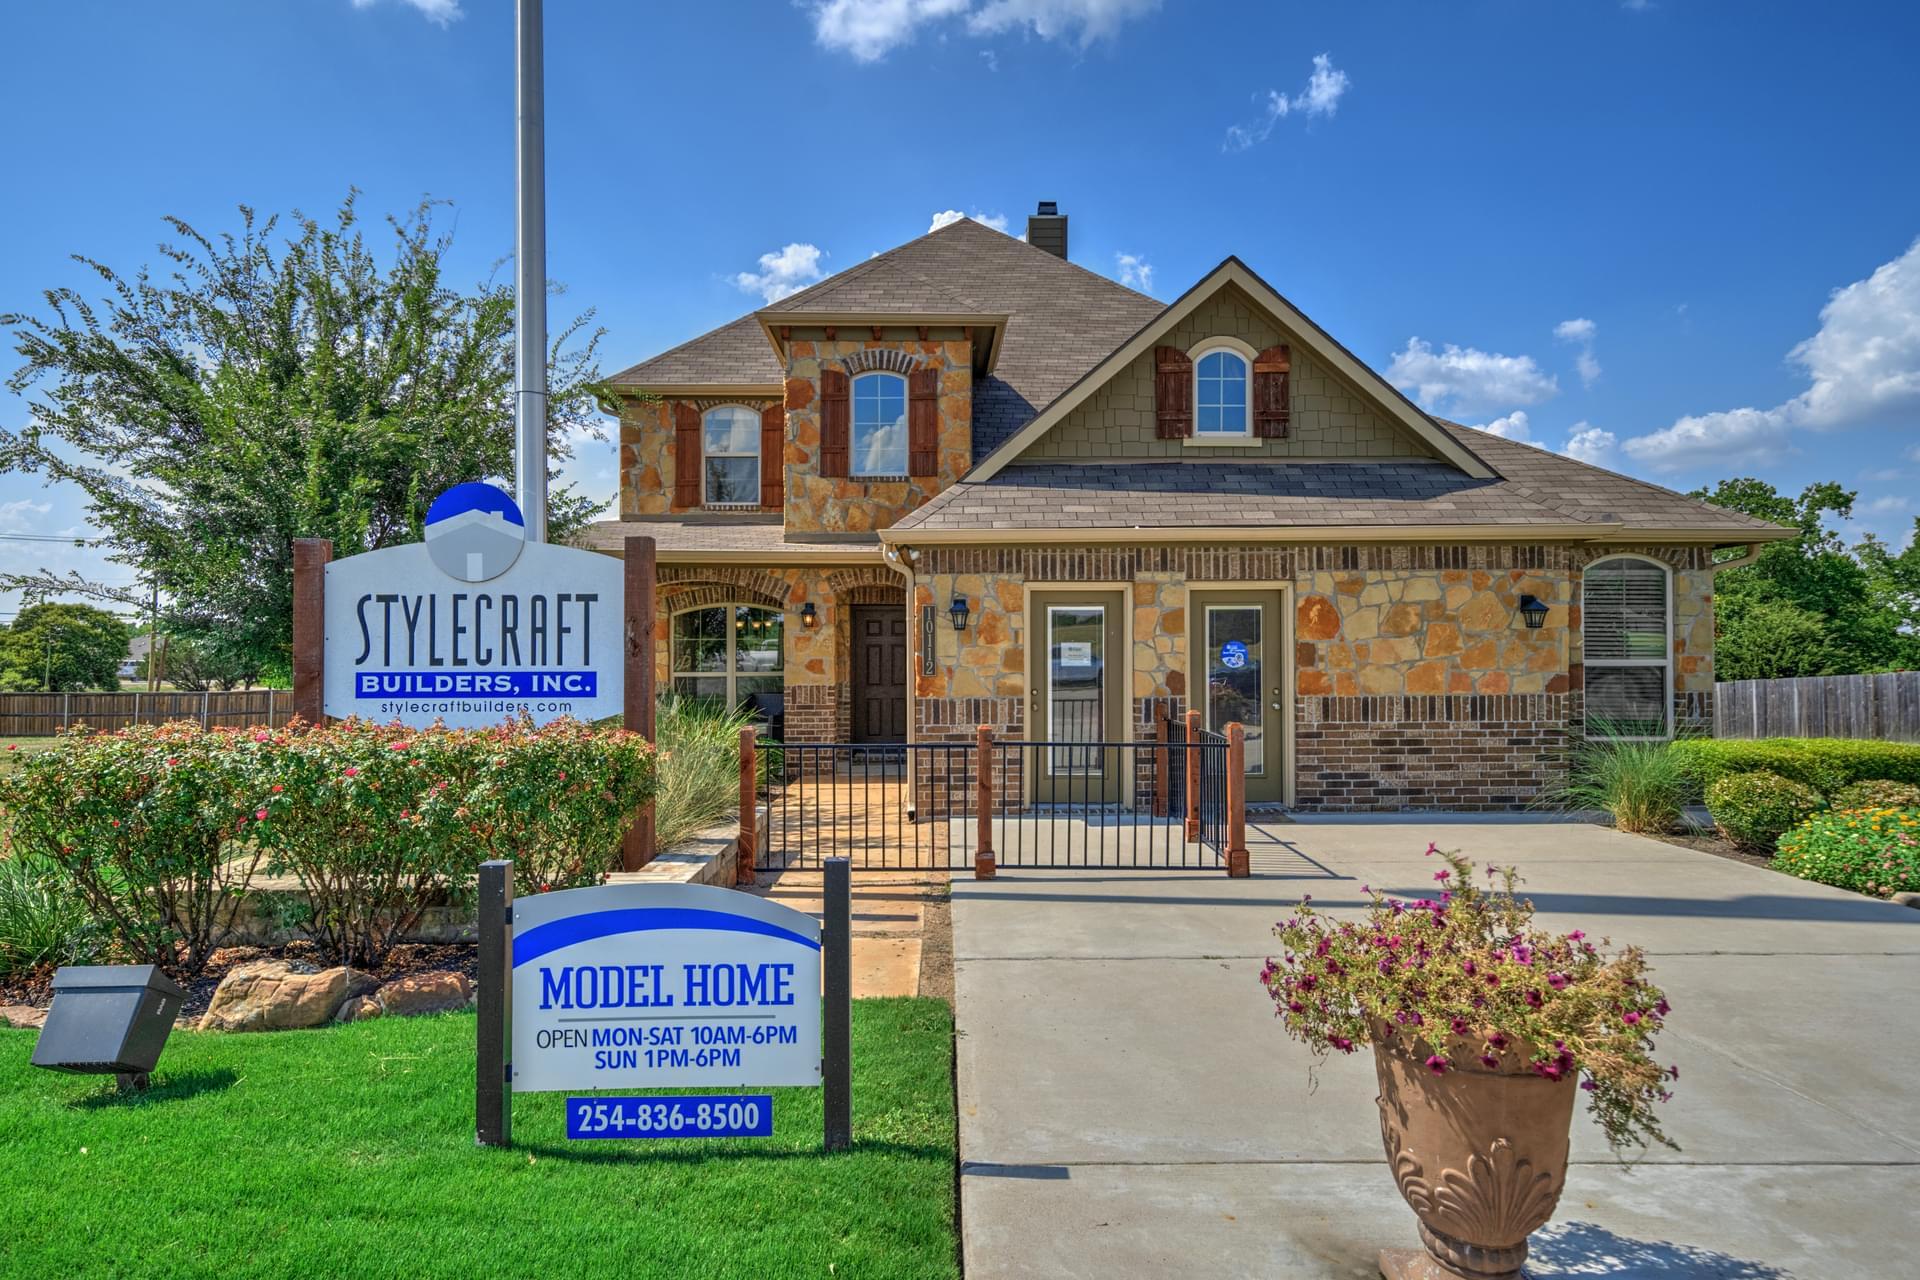 10112 Mickler Lane in Waco, TX